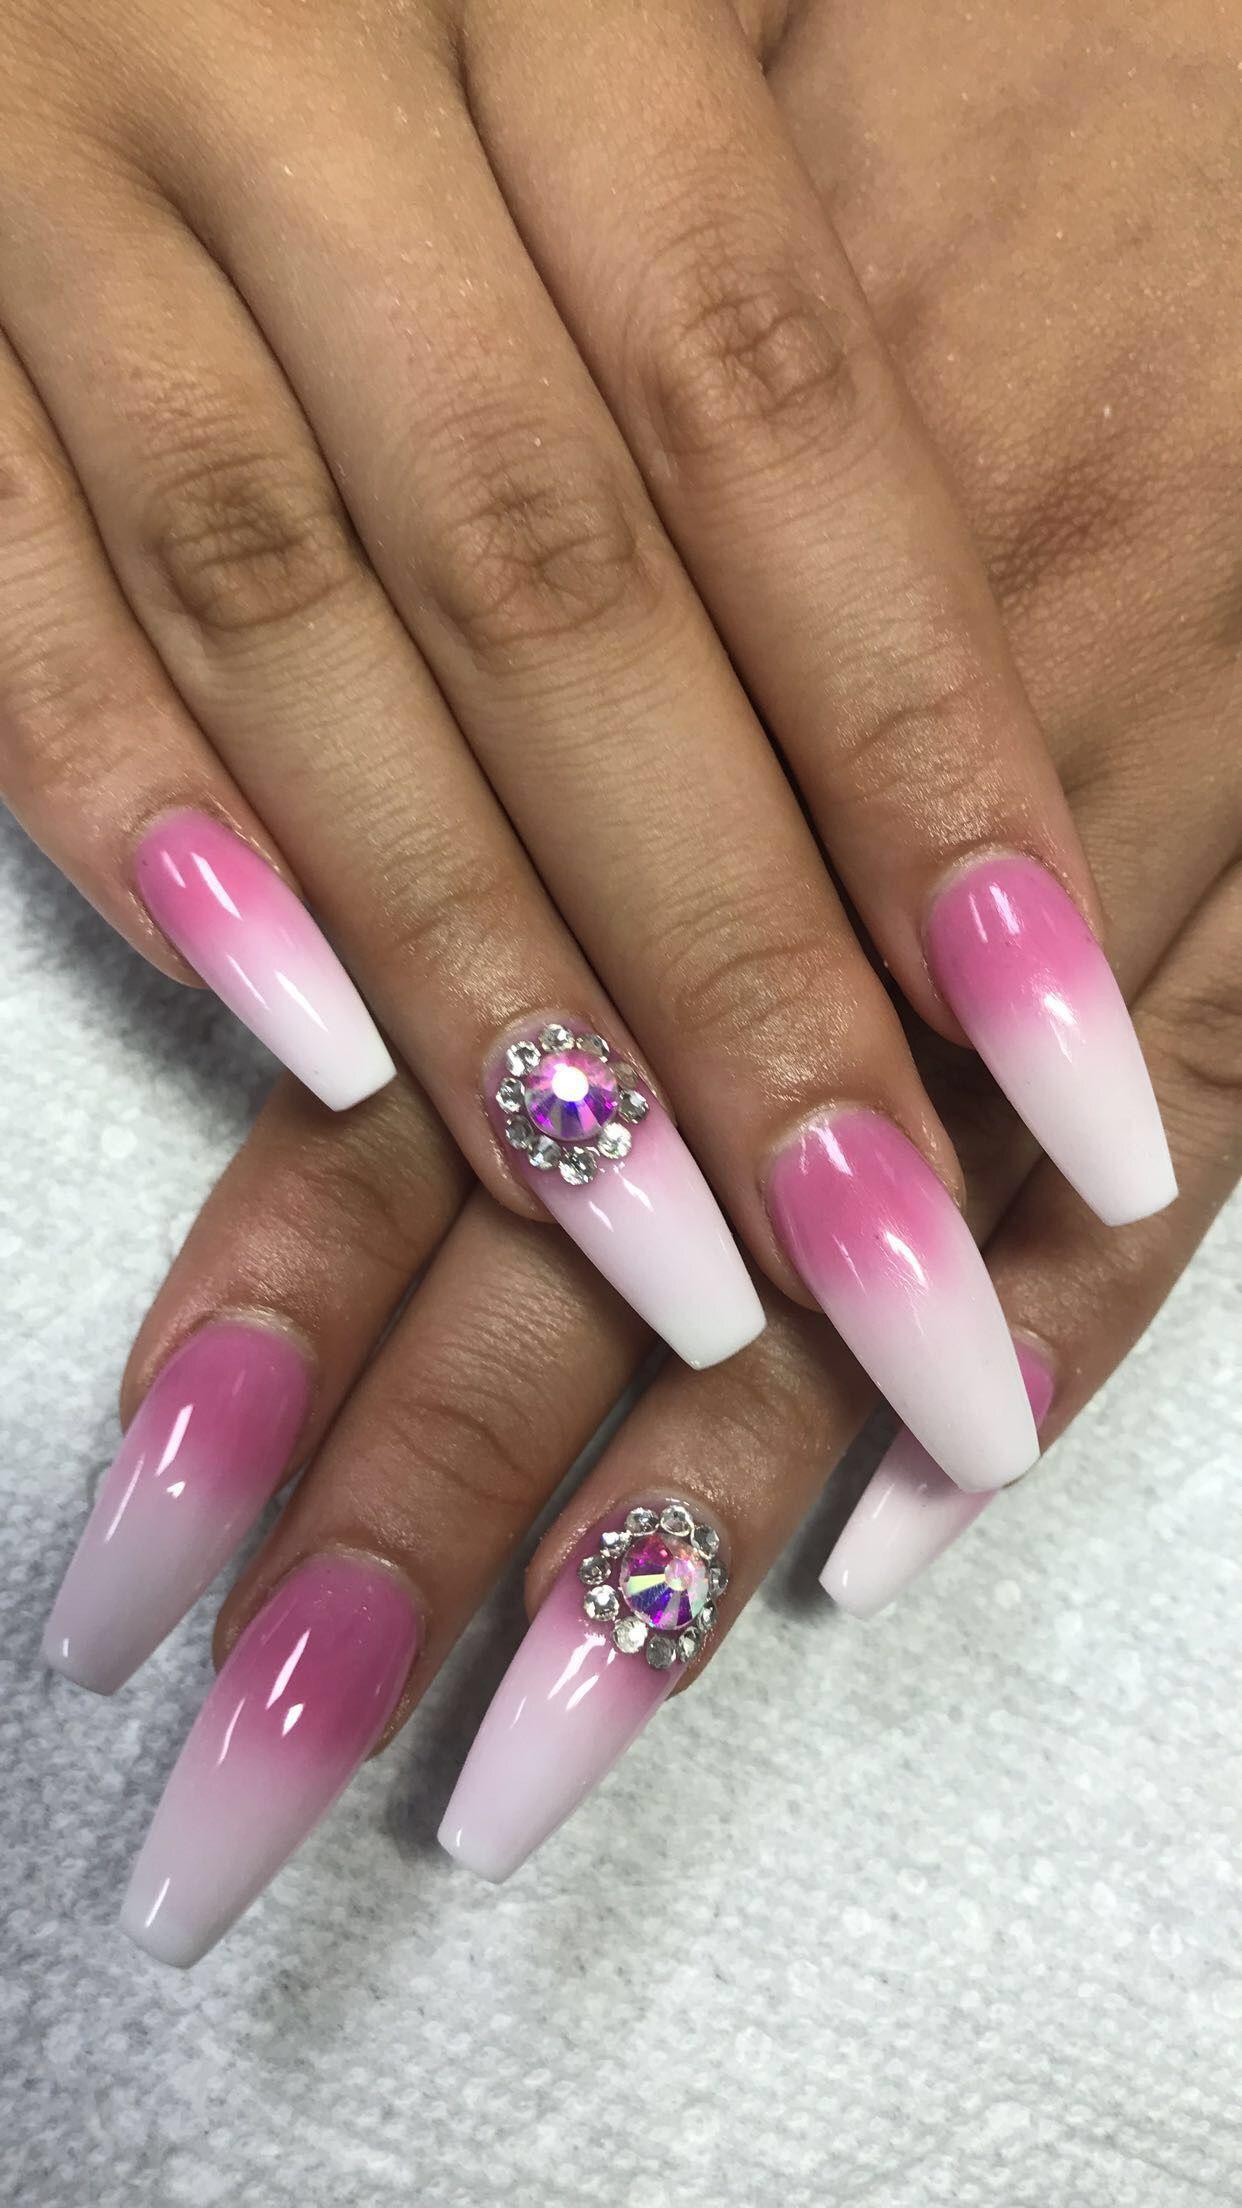 Pin by Johnny Nguyen on Diva nails & Spa # 1 | Diva nails, Nail spa, Spa